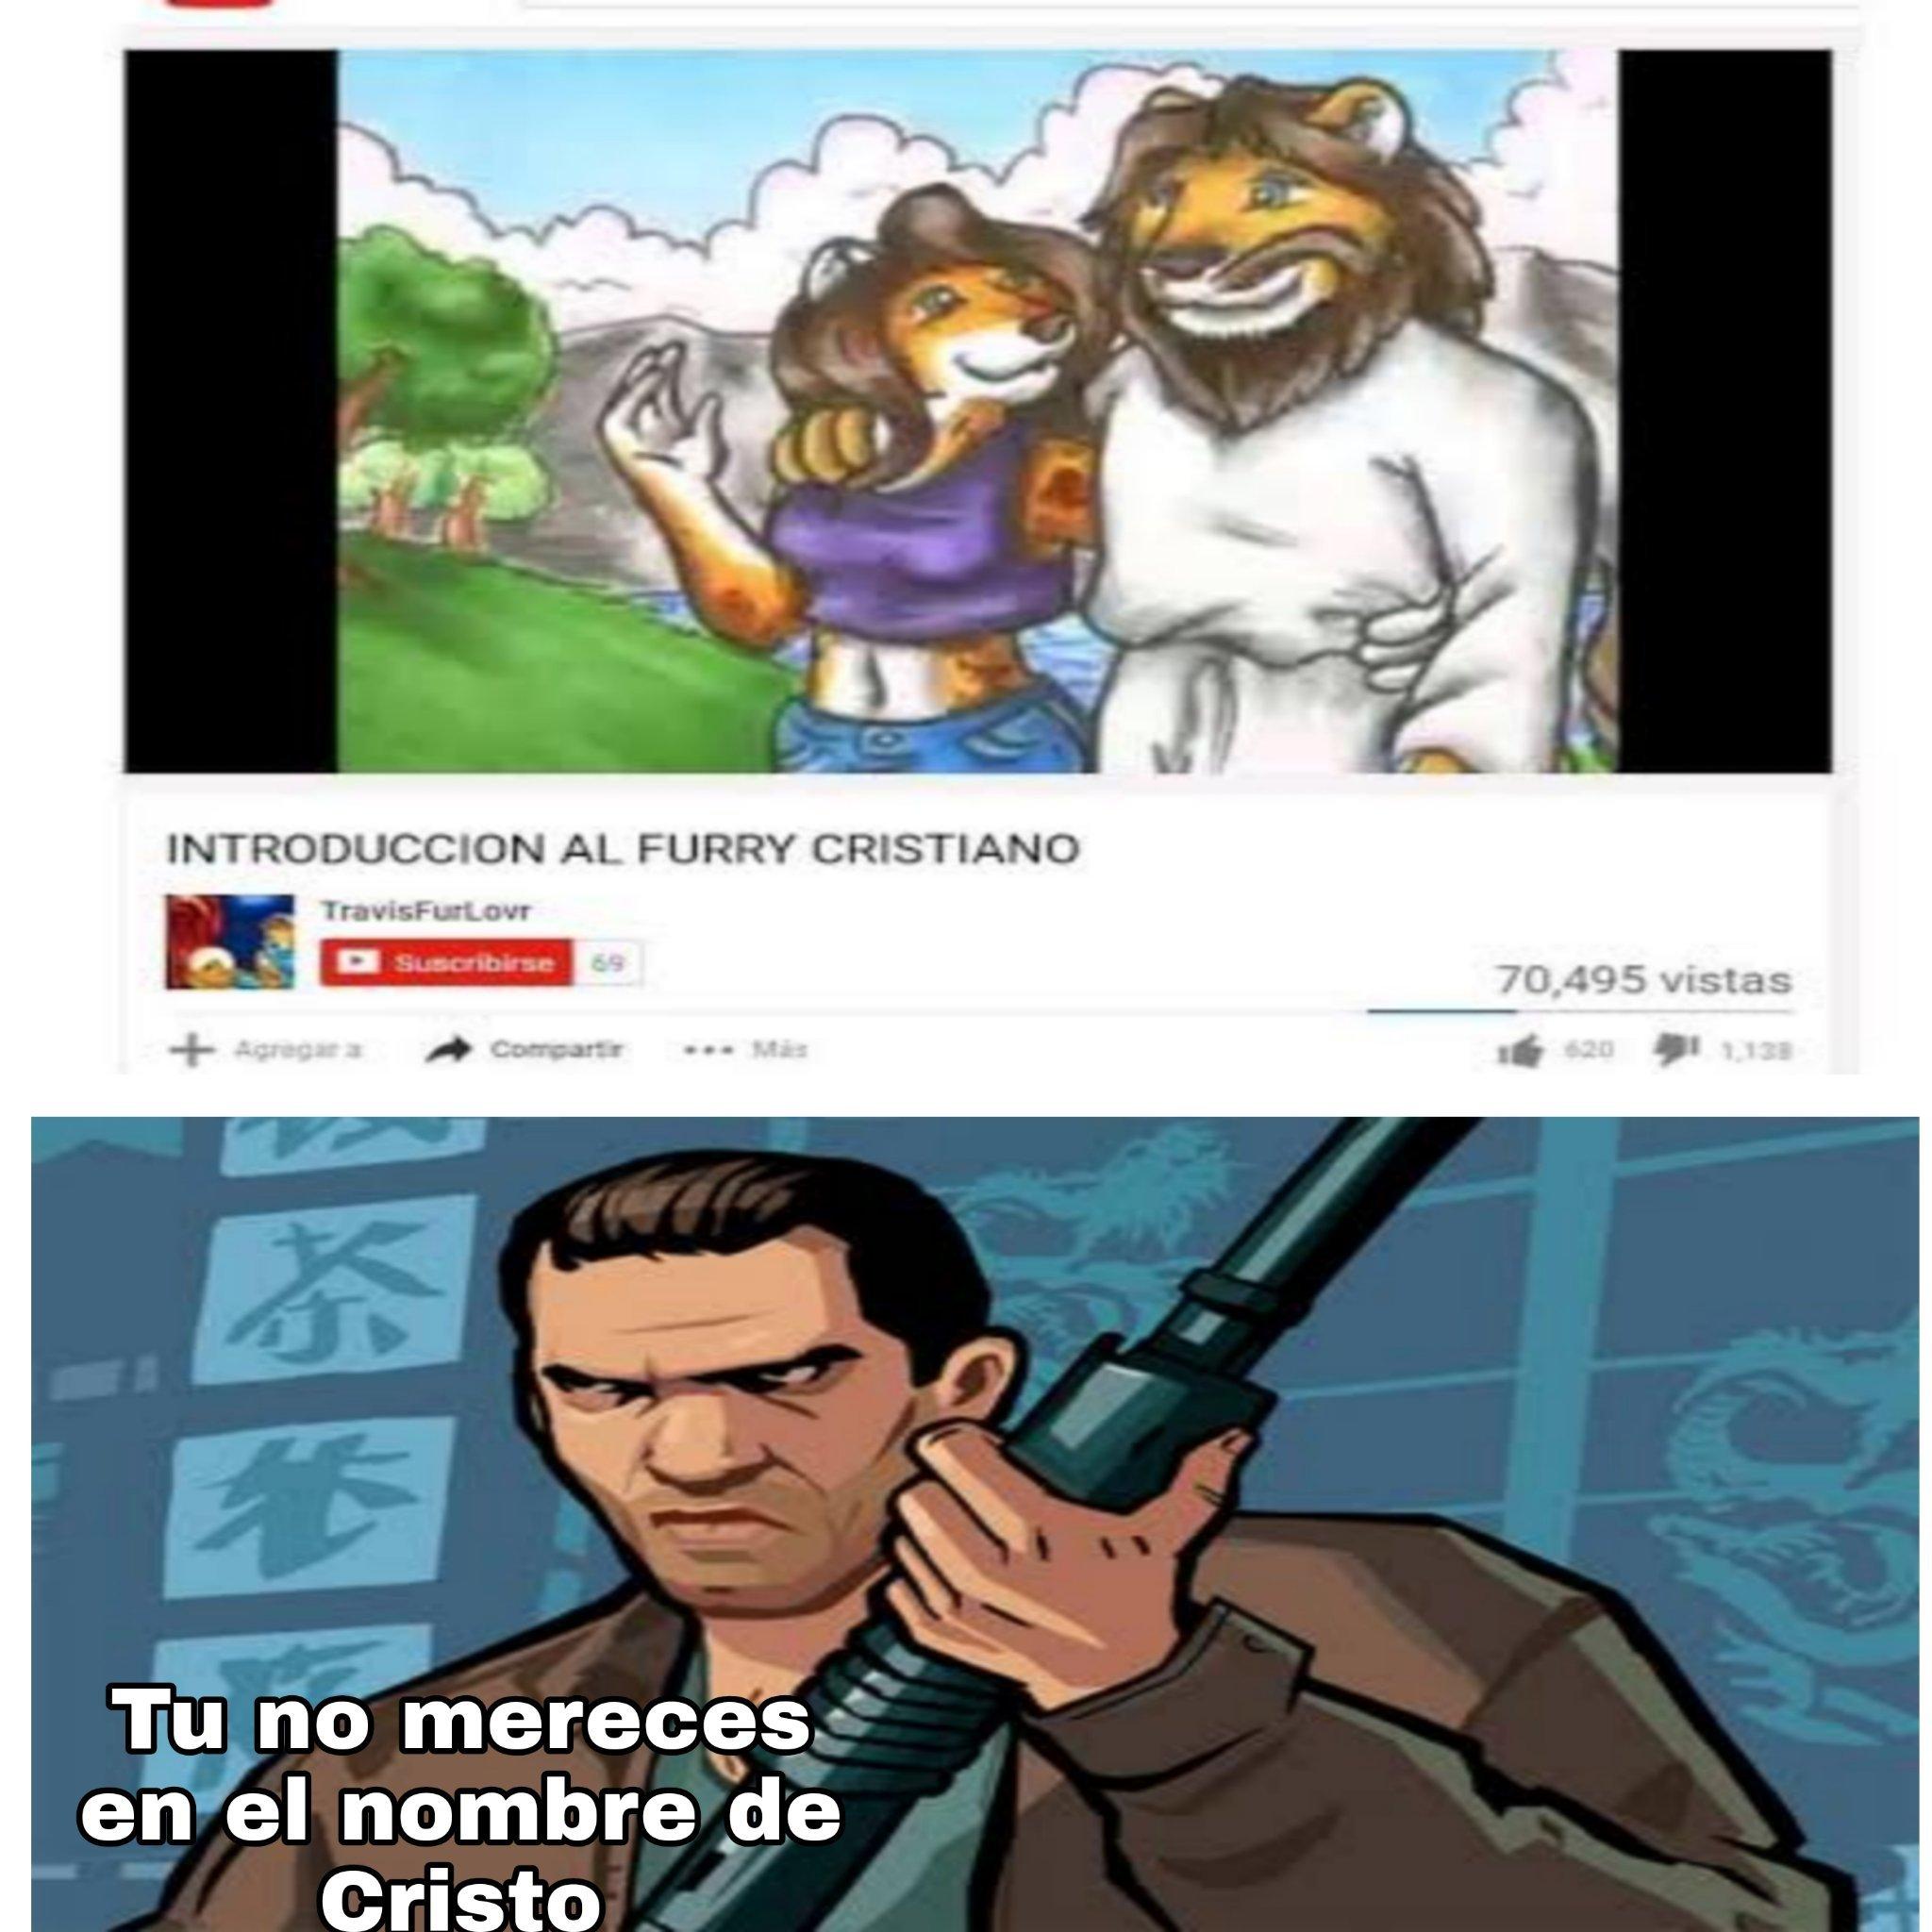 Los furros no mercen creer en dios - meme